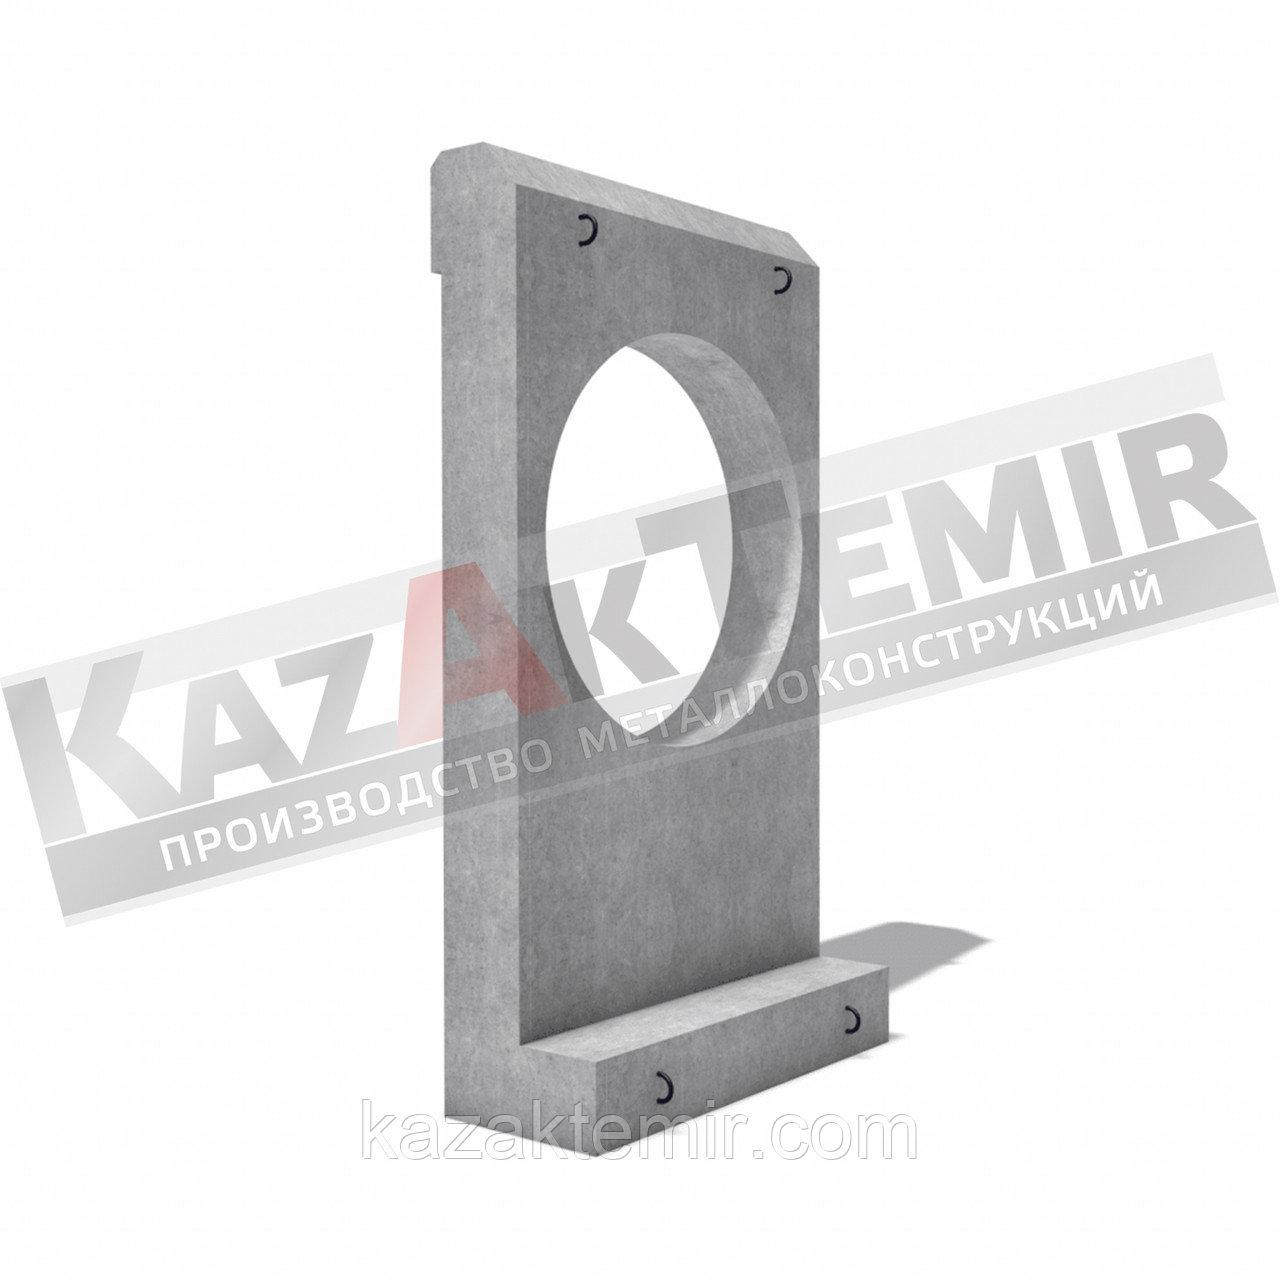 СТ10 портальная стенка (металлоформа)